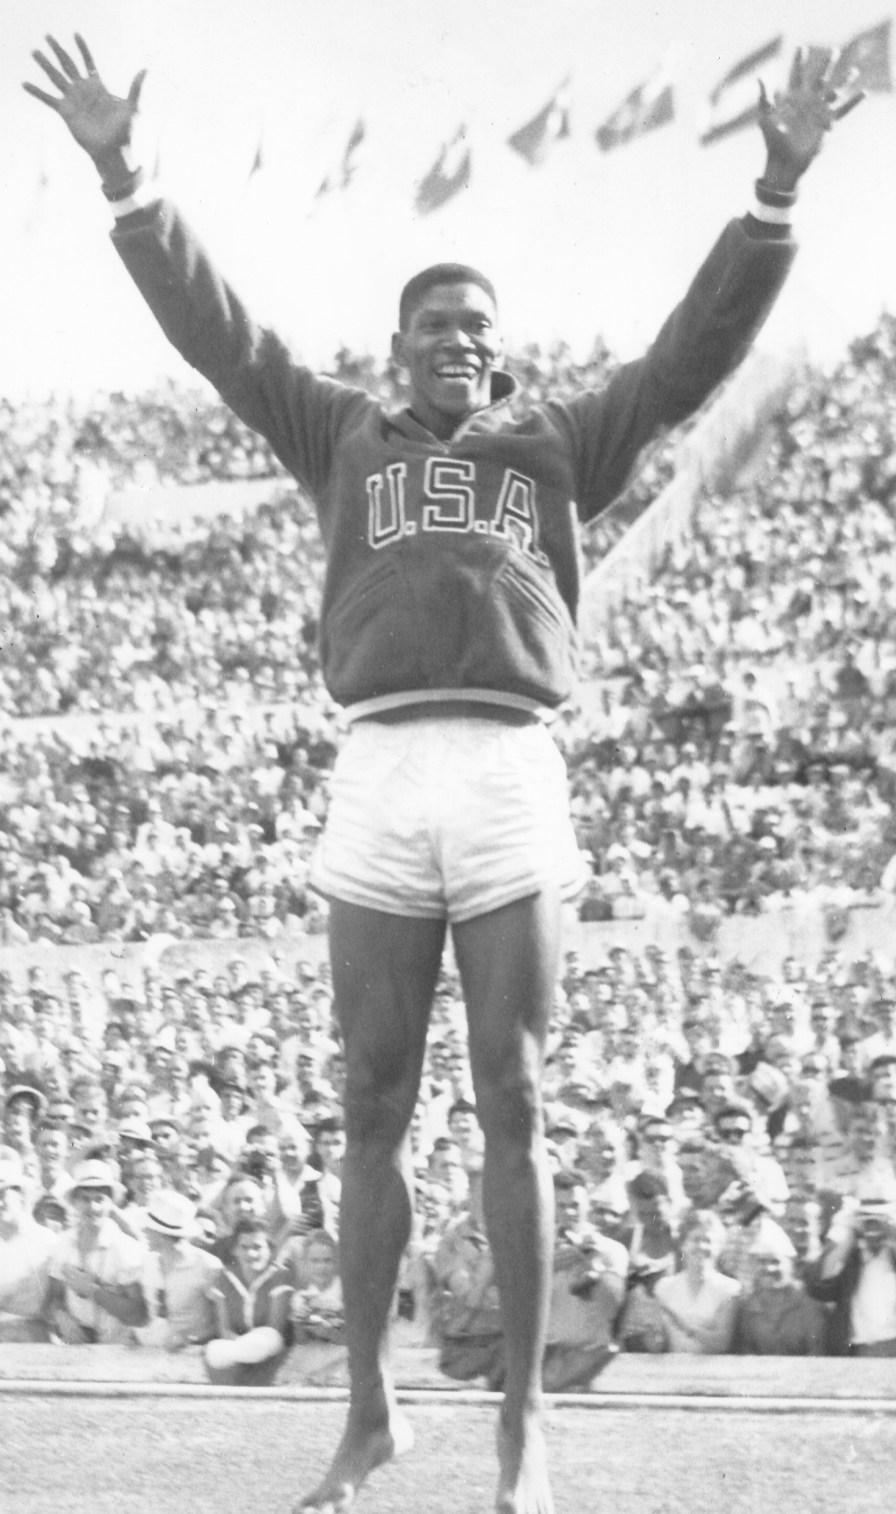 Otis Davis during the 1960 Olympic games. (Tuntematon, Wikipedia)